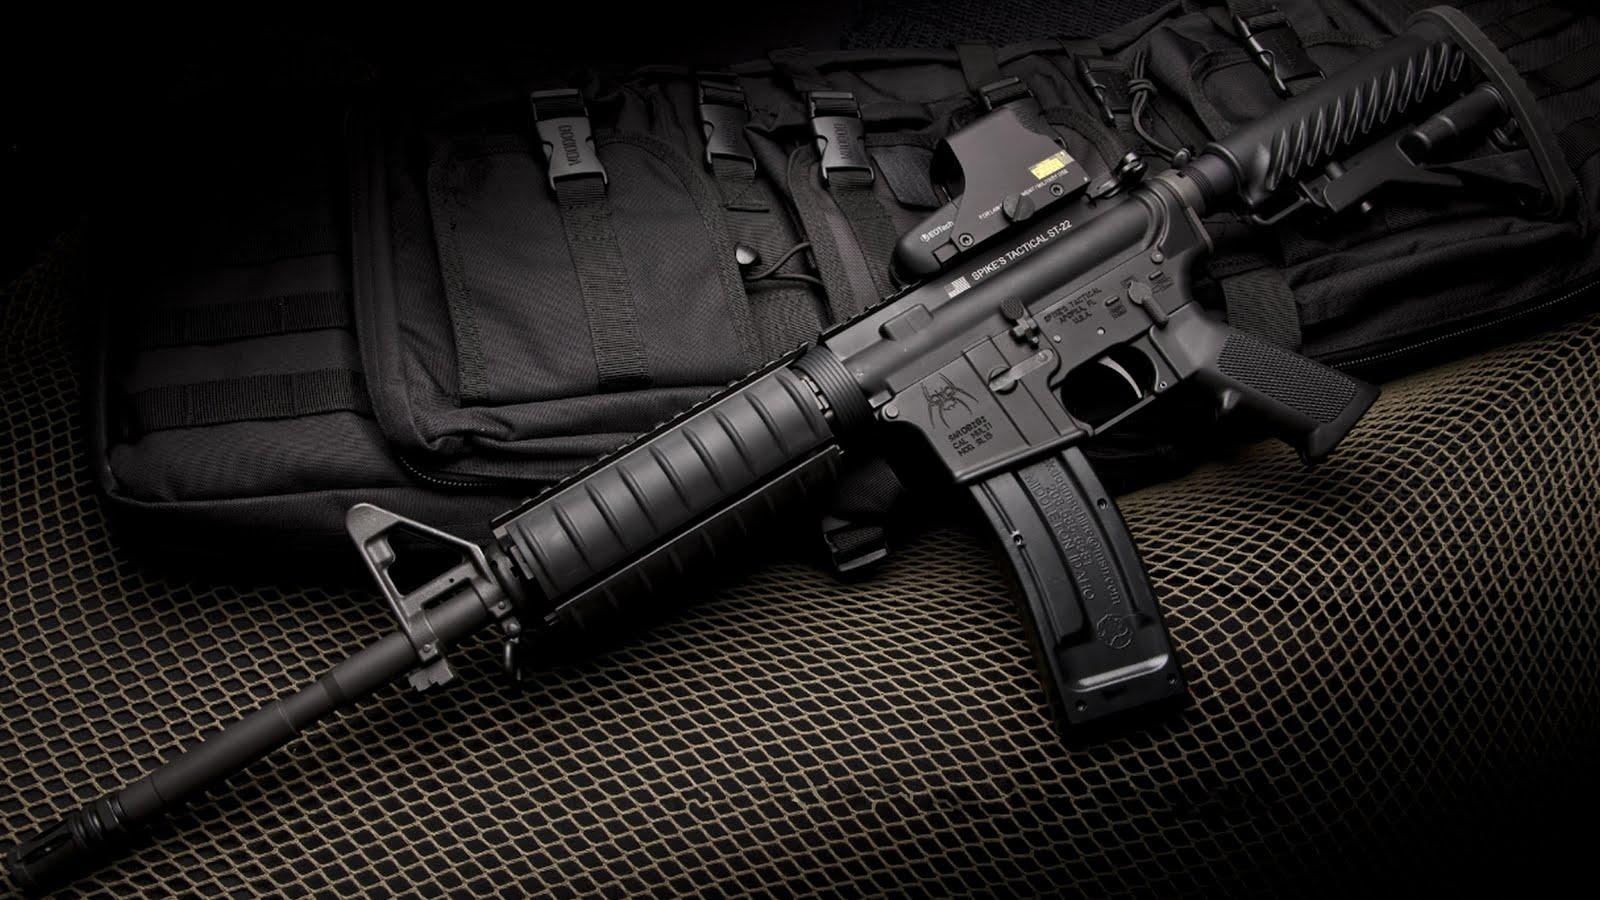 guns wallpapers guns guns images 2013 HD M16 Rifle Wallpapers 1600x900